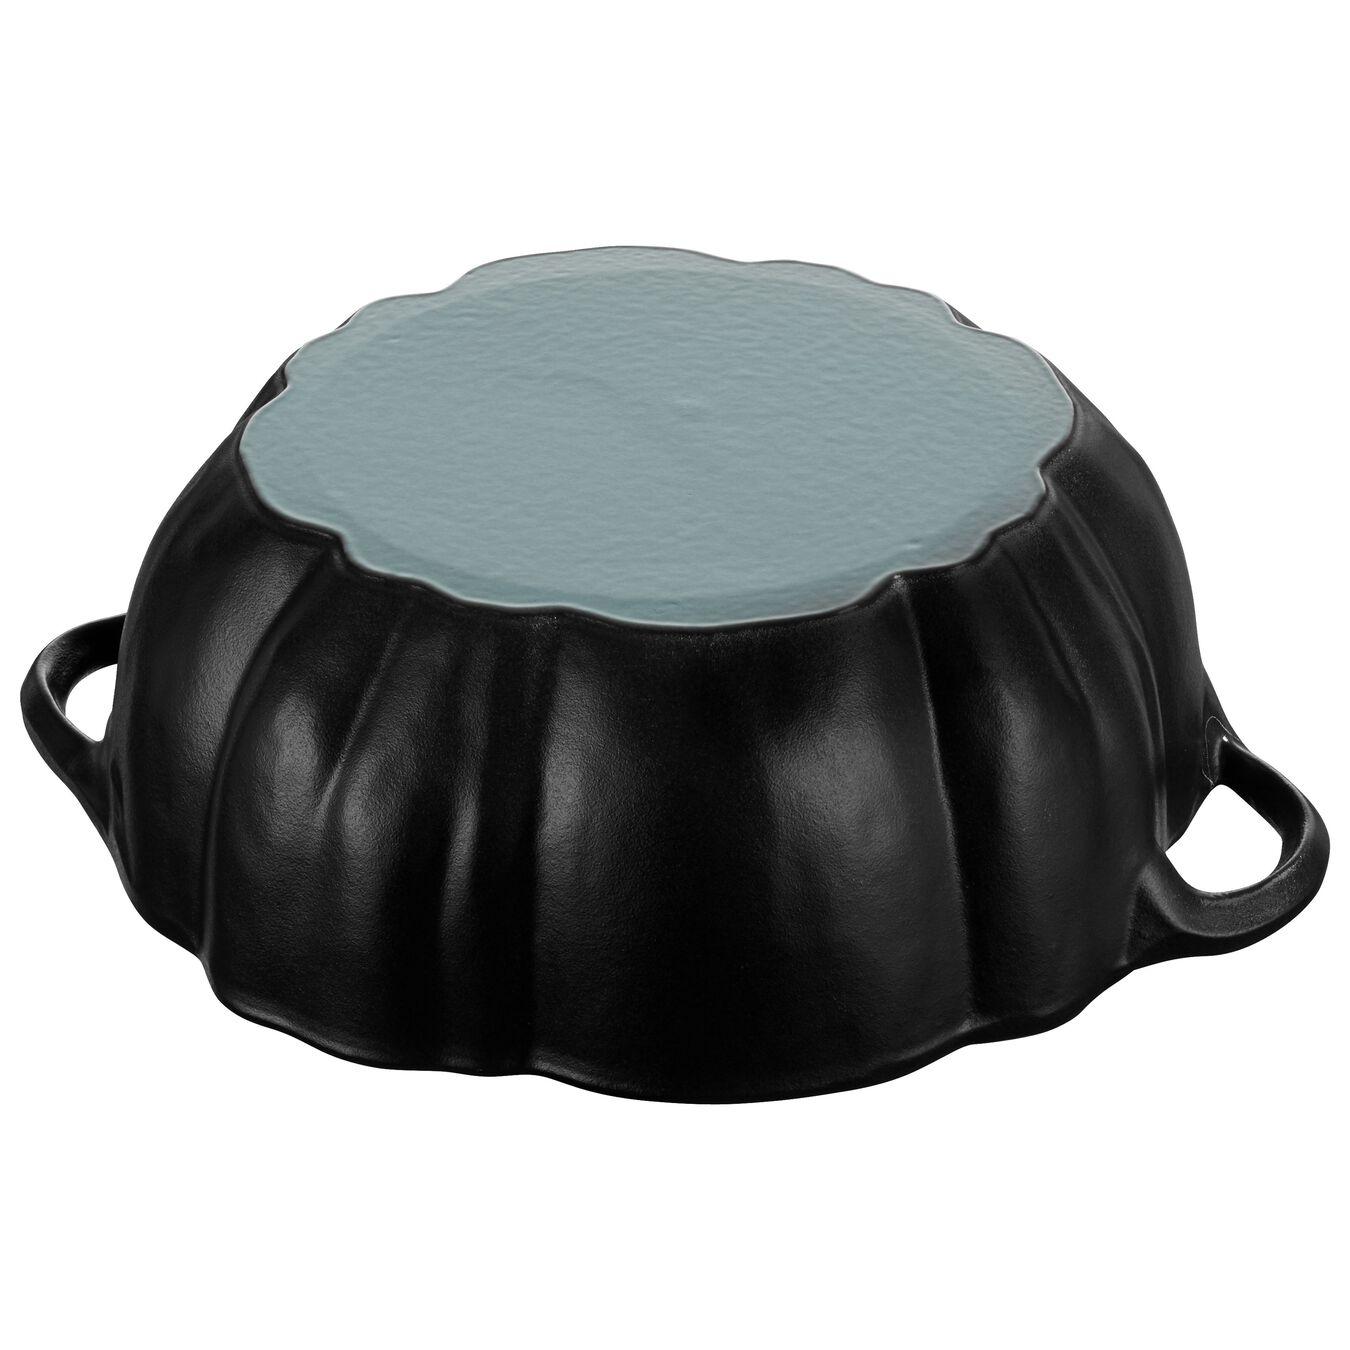 3.5 l Cast iron pumpkin Cocotte, Black,,large 6